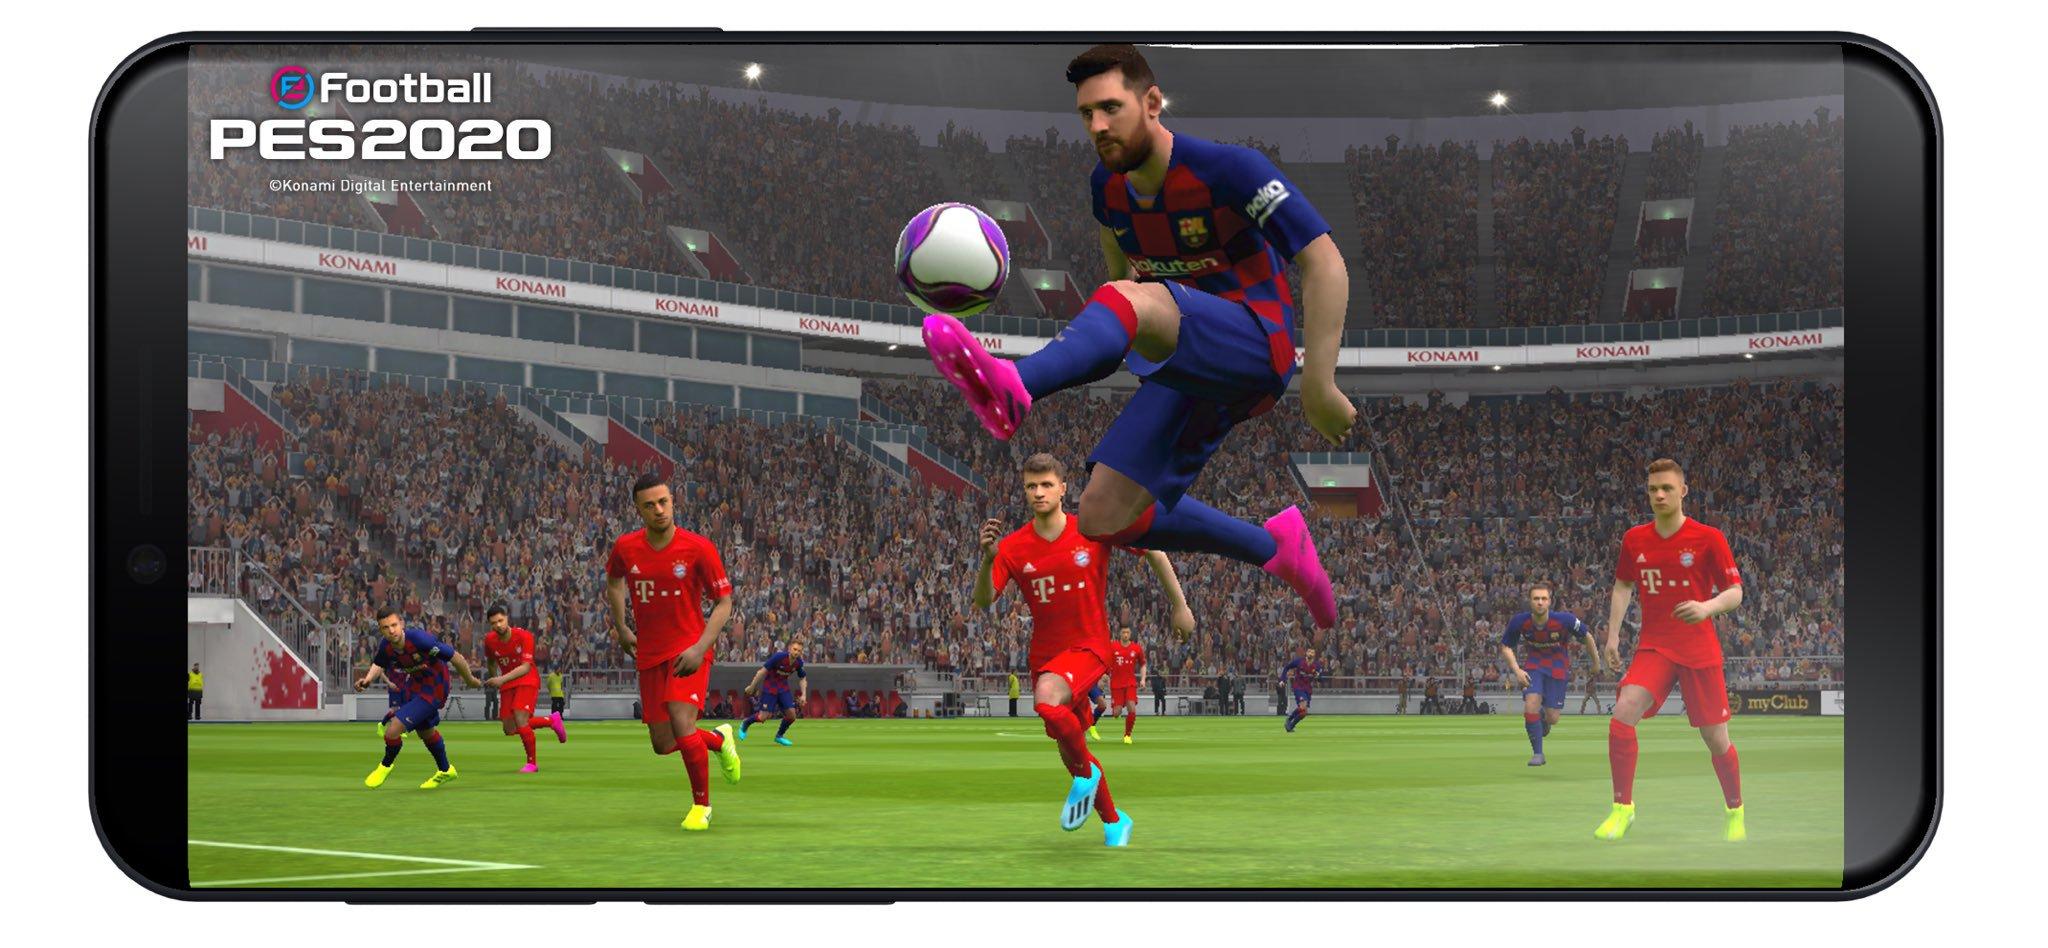 Мобильный гейминг, Симуляторы, Спортивные, Pro Evolution Soccer 2019, Pro Evolution Soccer 2020, PES 2020 Mobile